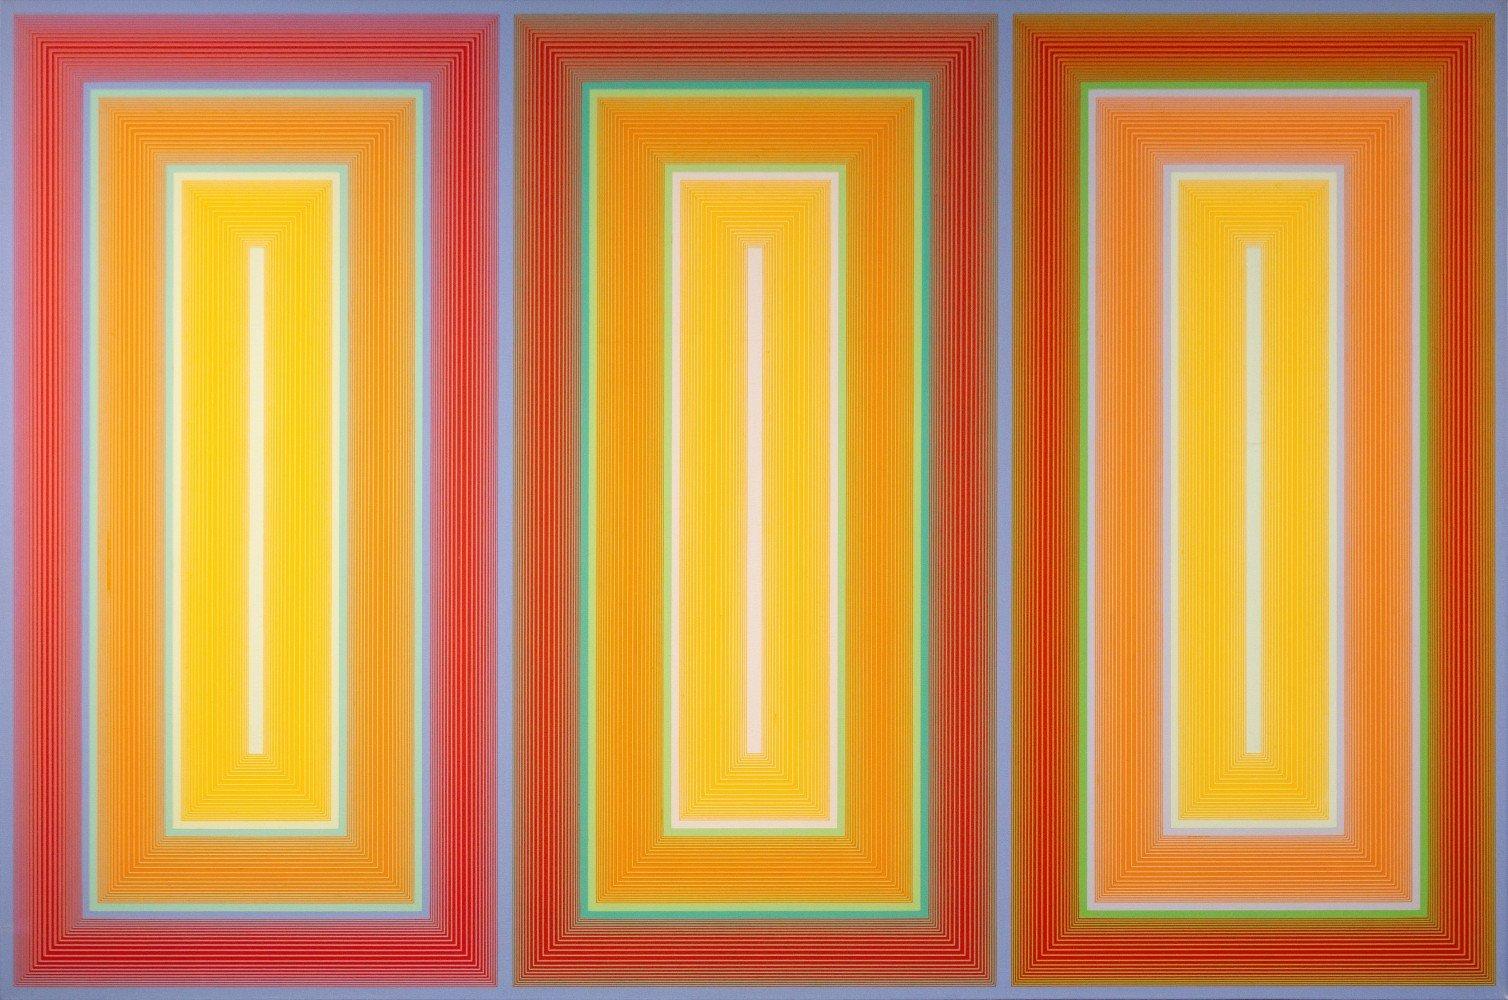 Trinity by Richard Anuszkiewicz